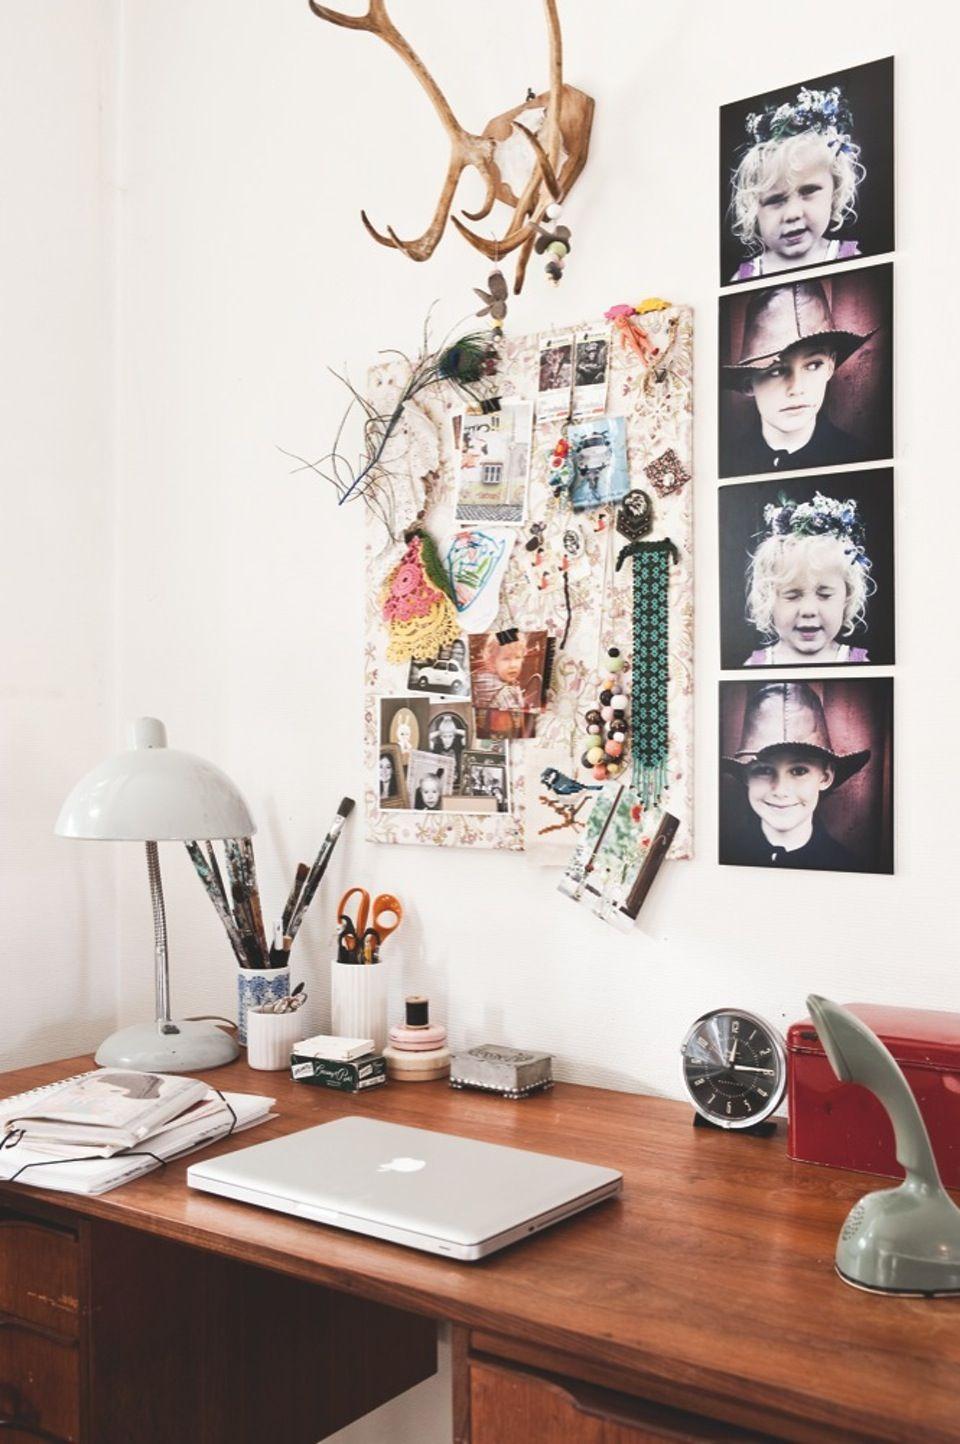 Blæs på reglerne og indret med hjertet | Pinterest | Room ideas ...